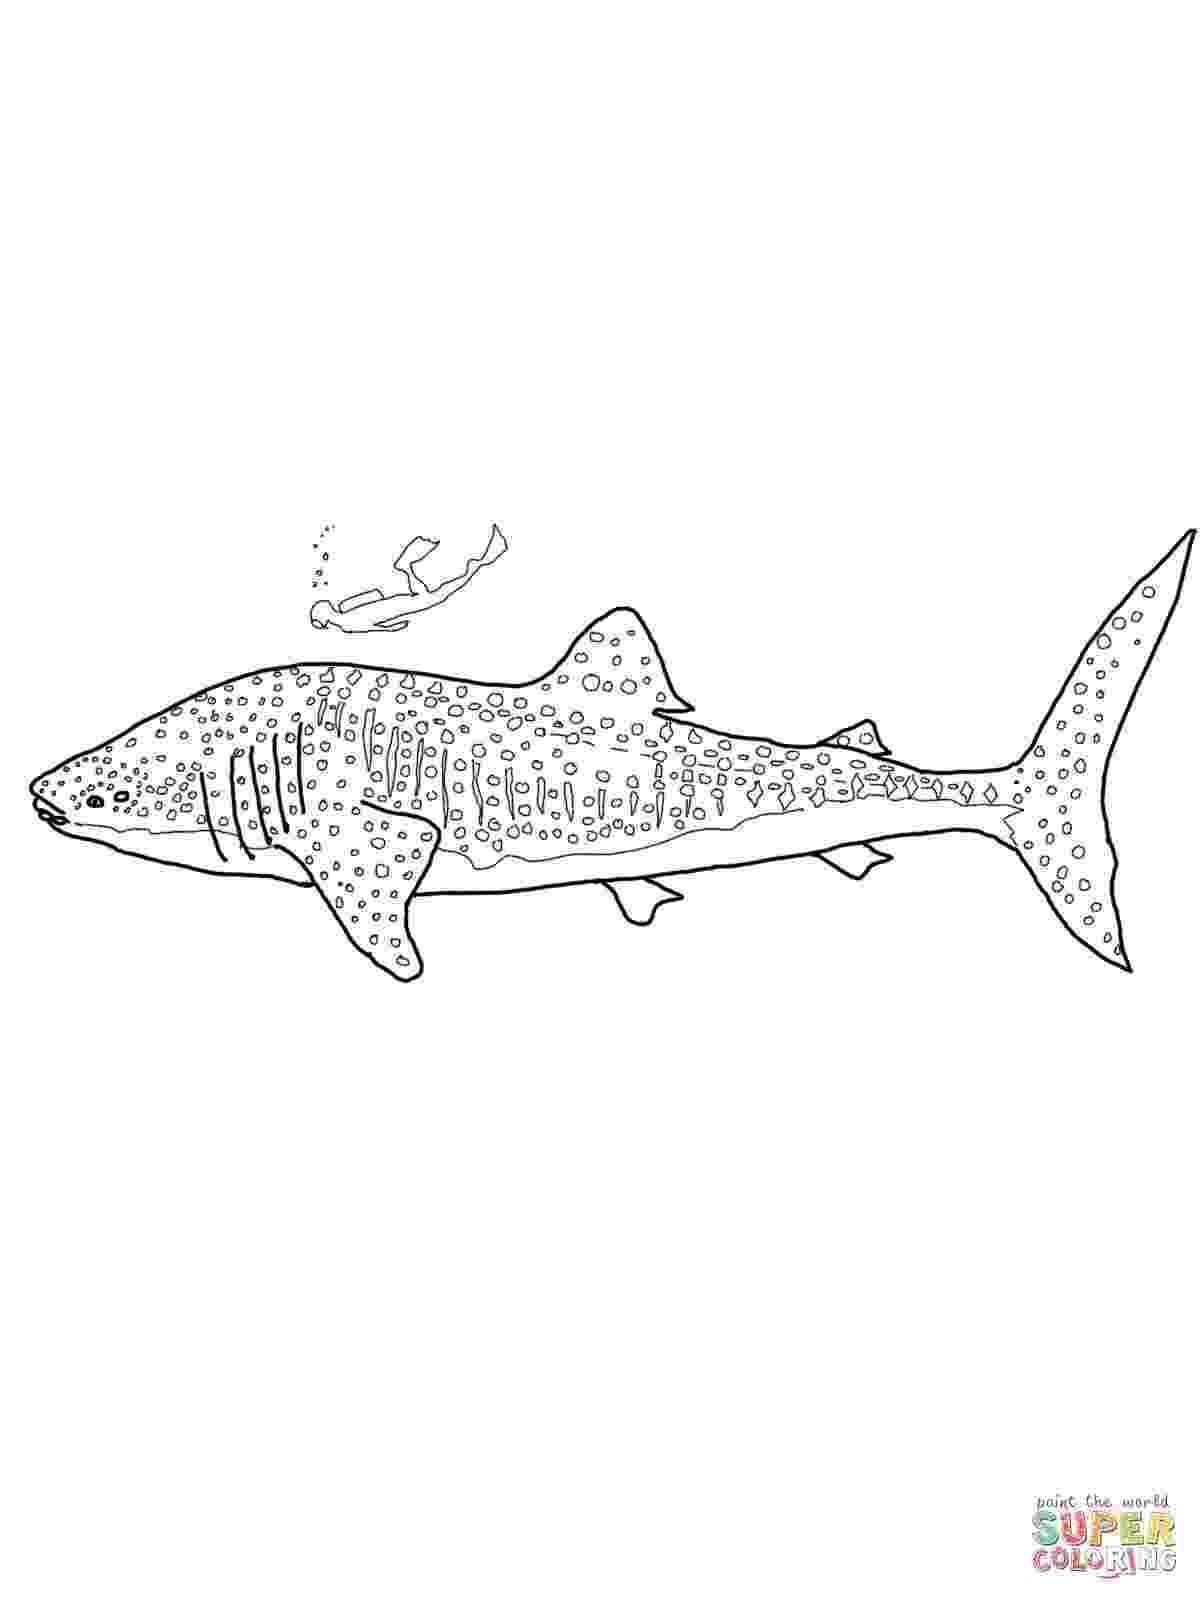 tiger shark coloring page tiger shark coloring pages to print free coloring books page coloring shark tiger